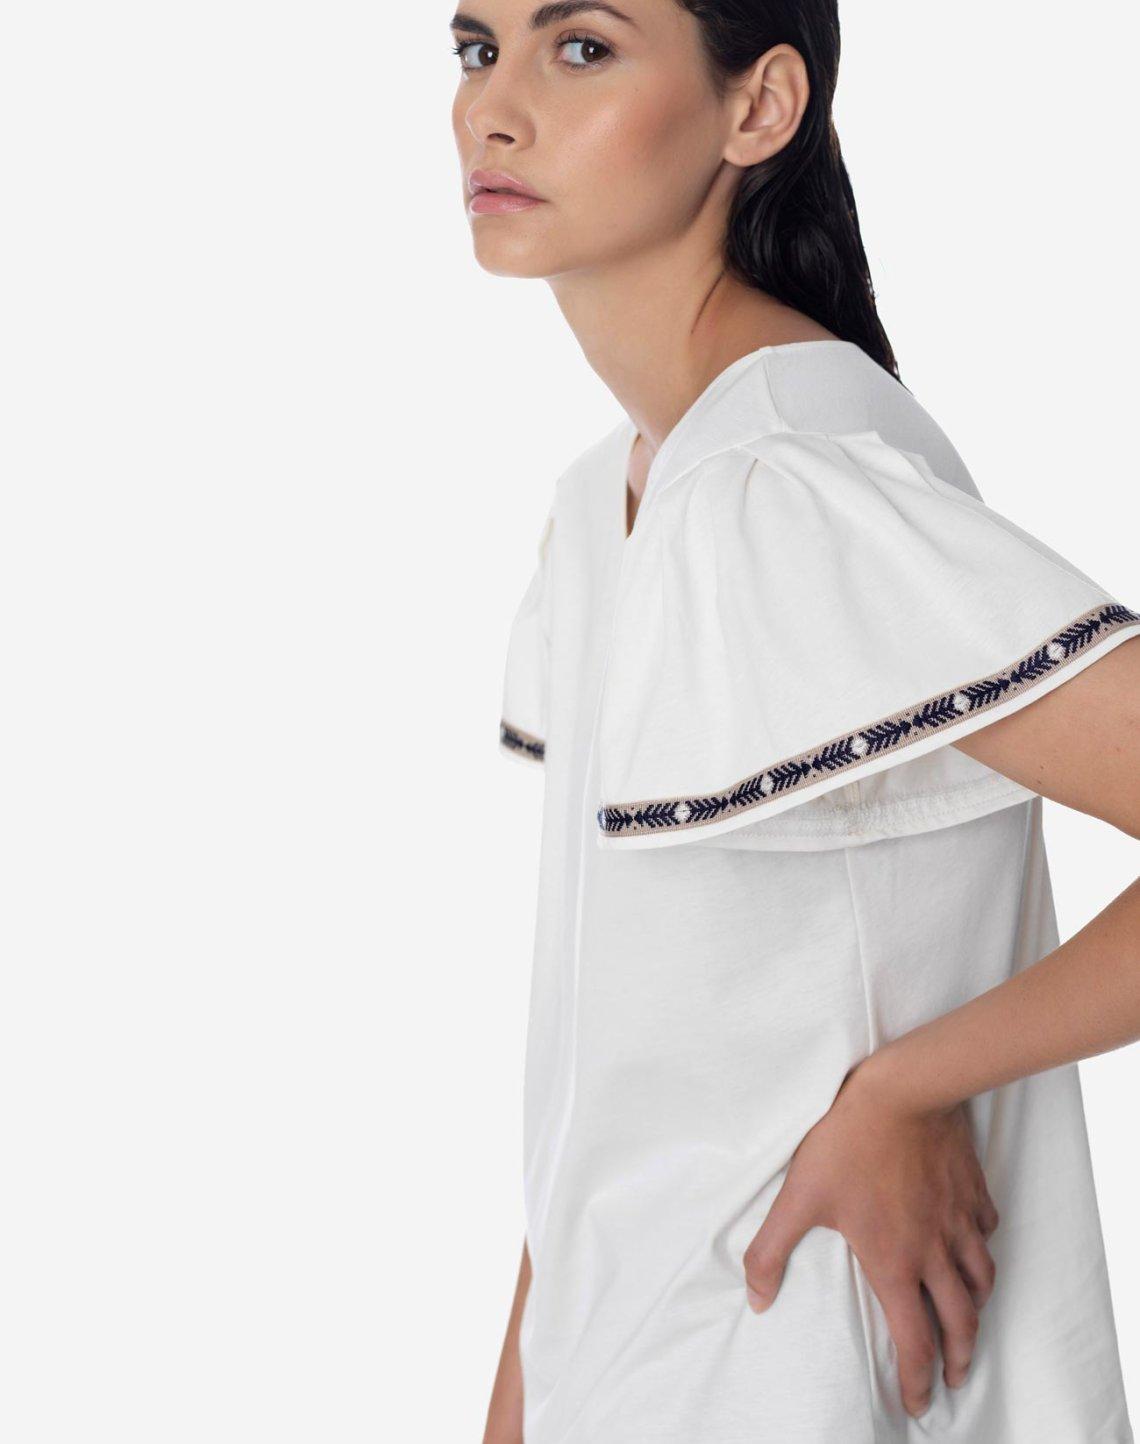 Μπλούζα από οργανικό βαμβάκι